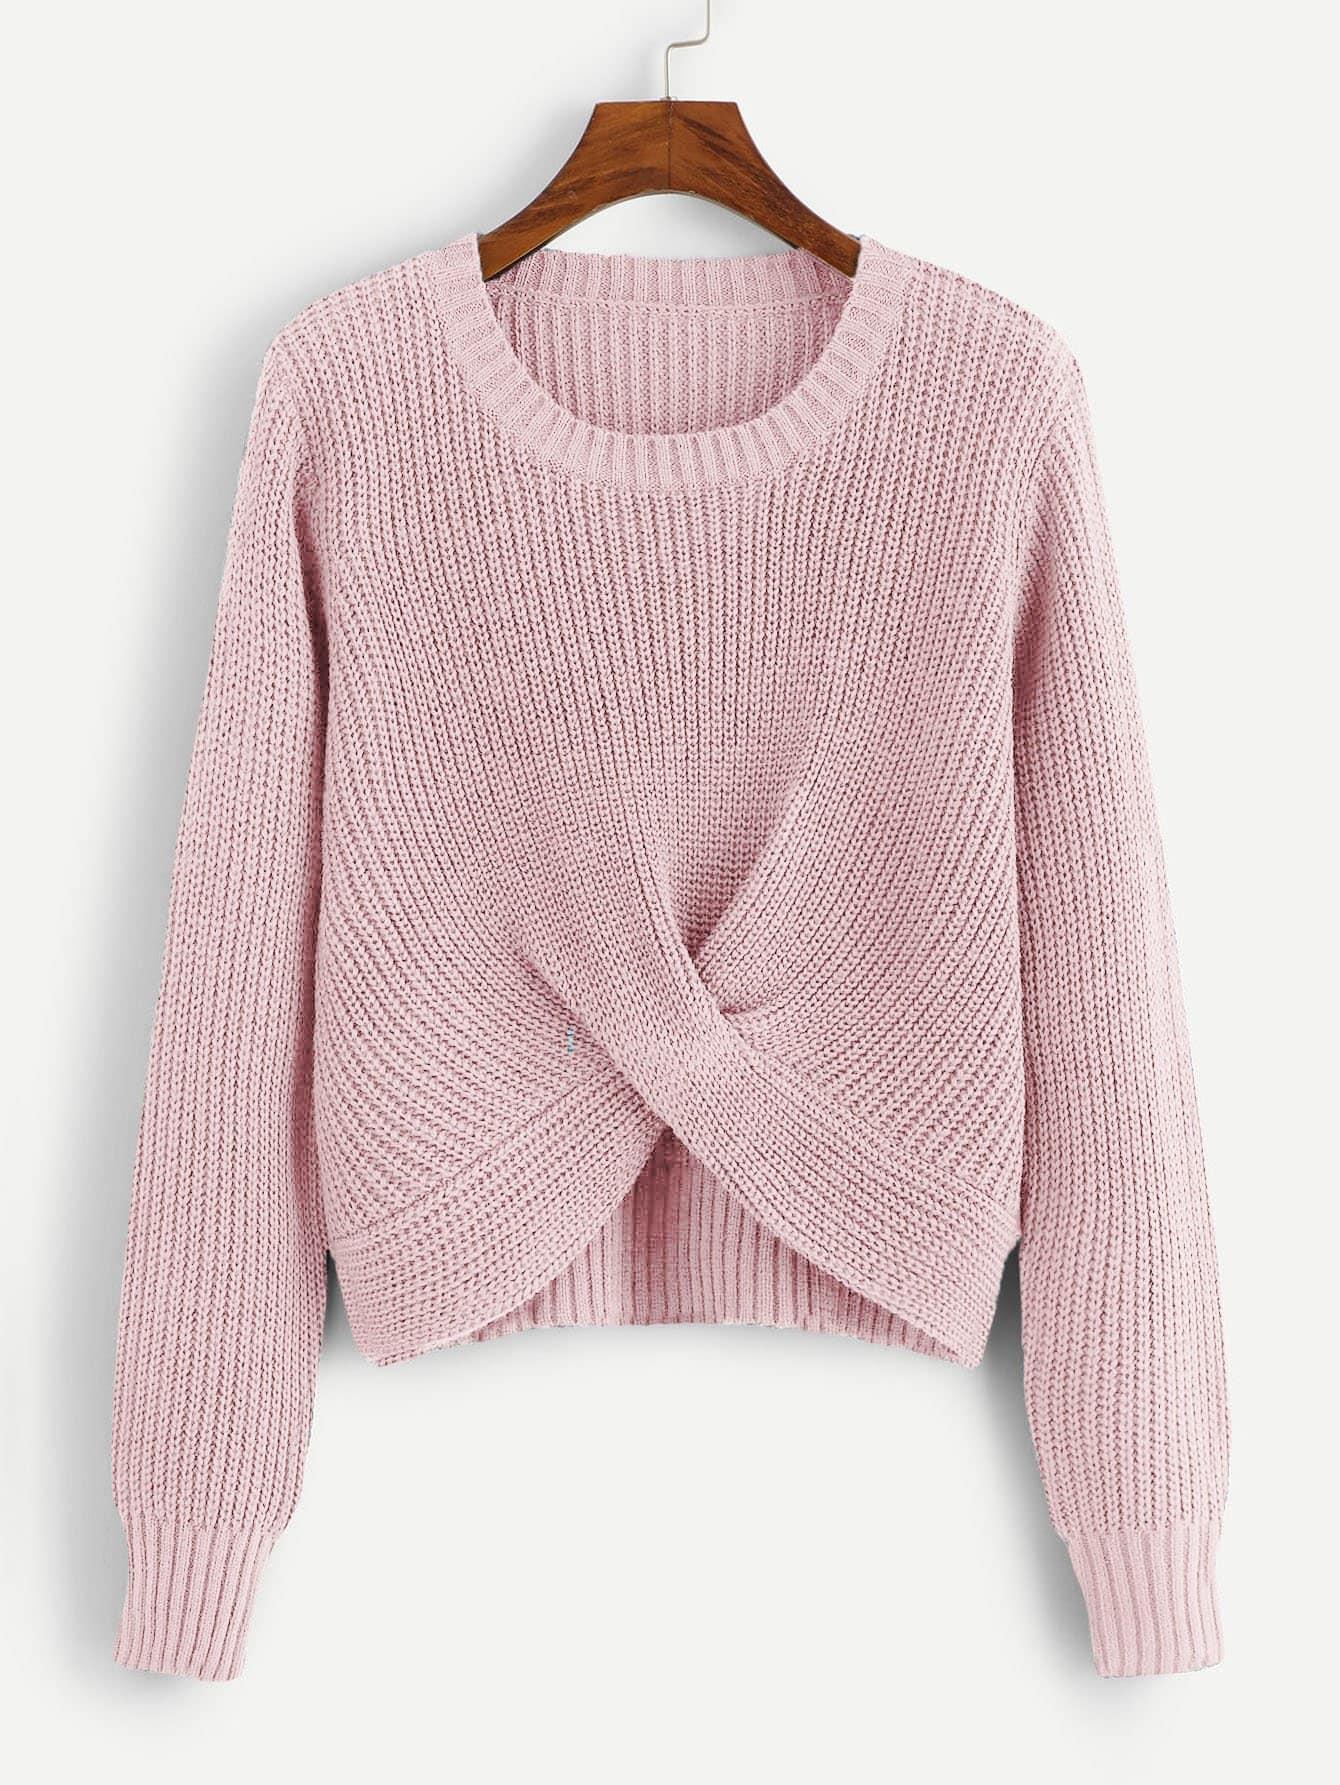 Suéter Sólido Con Detalle – Seven Store – Tienda de Ropa para Mujer be2f8de4ada6